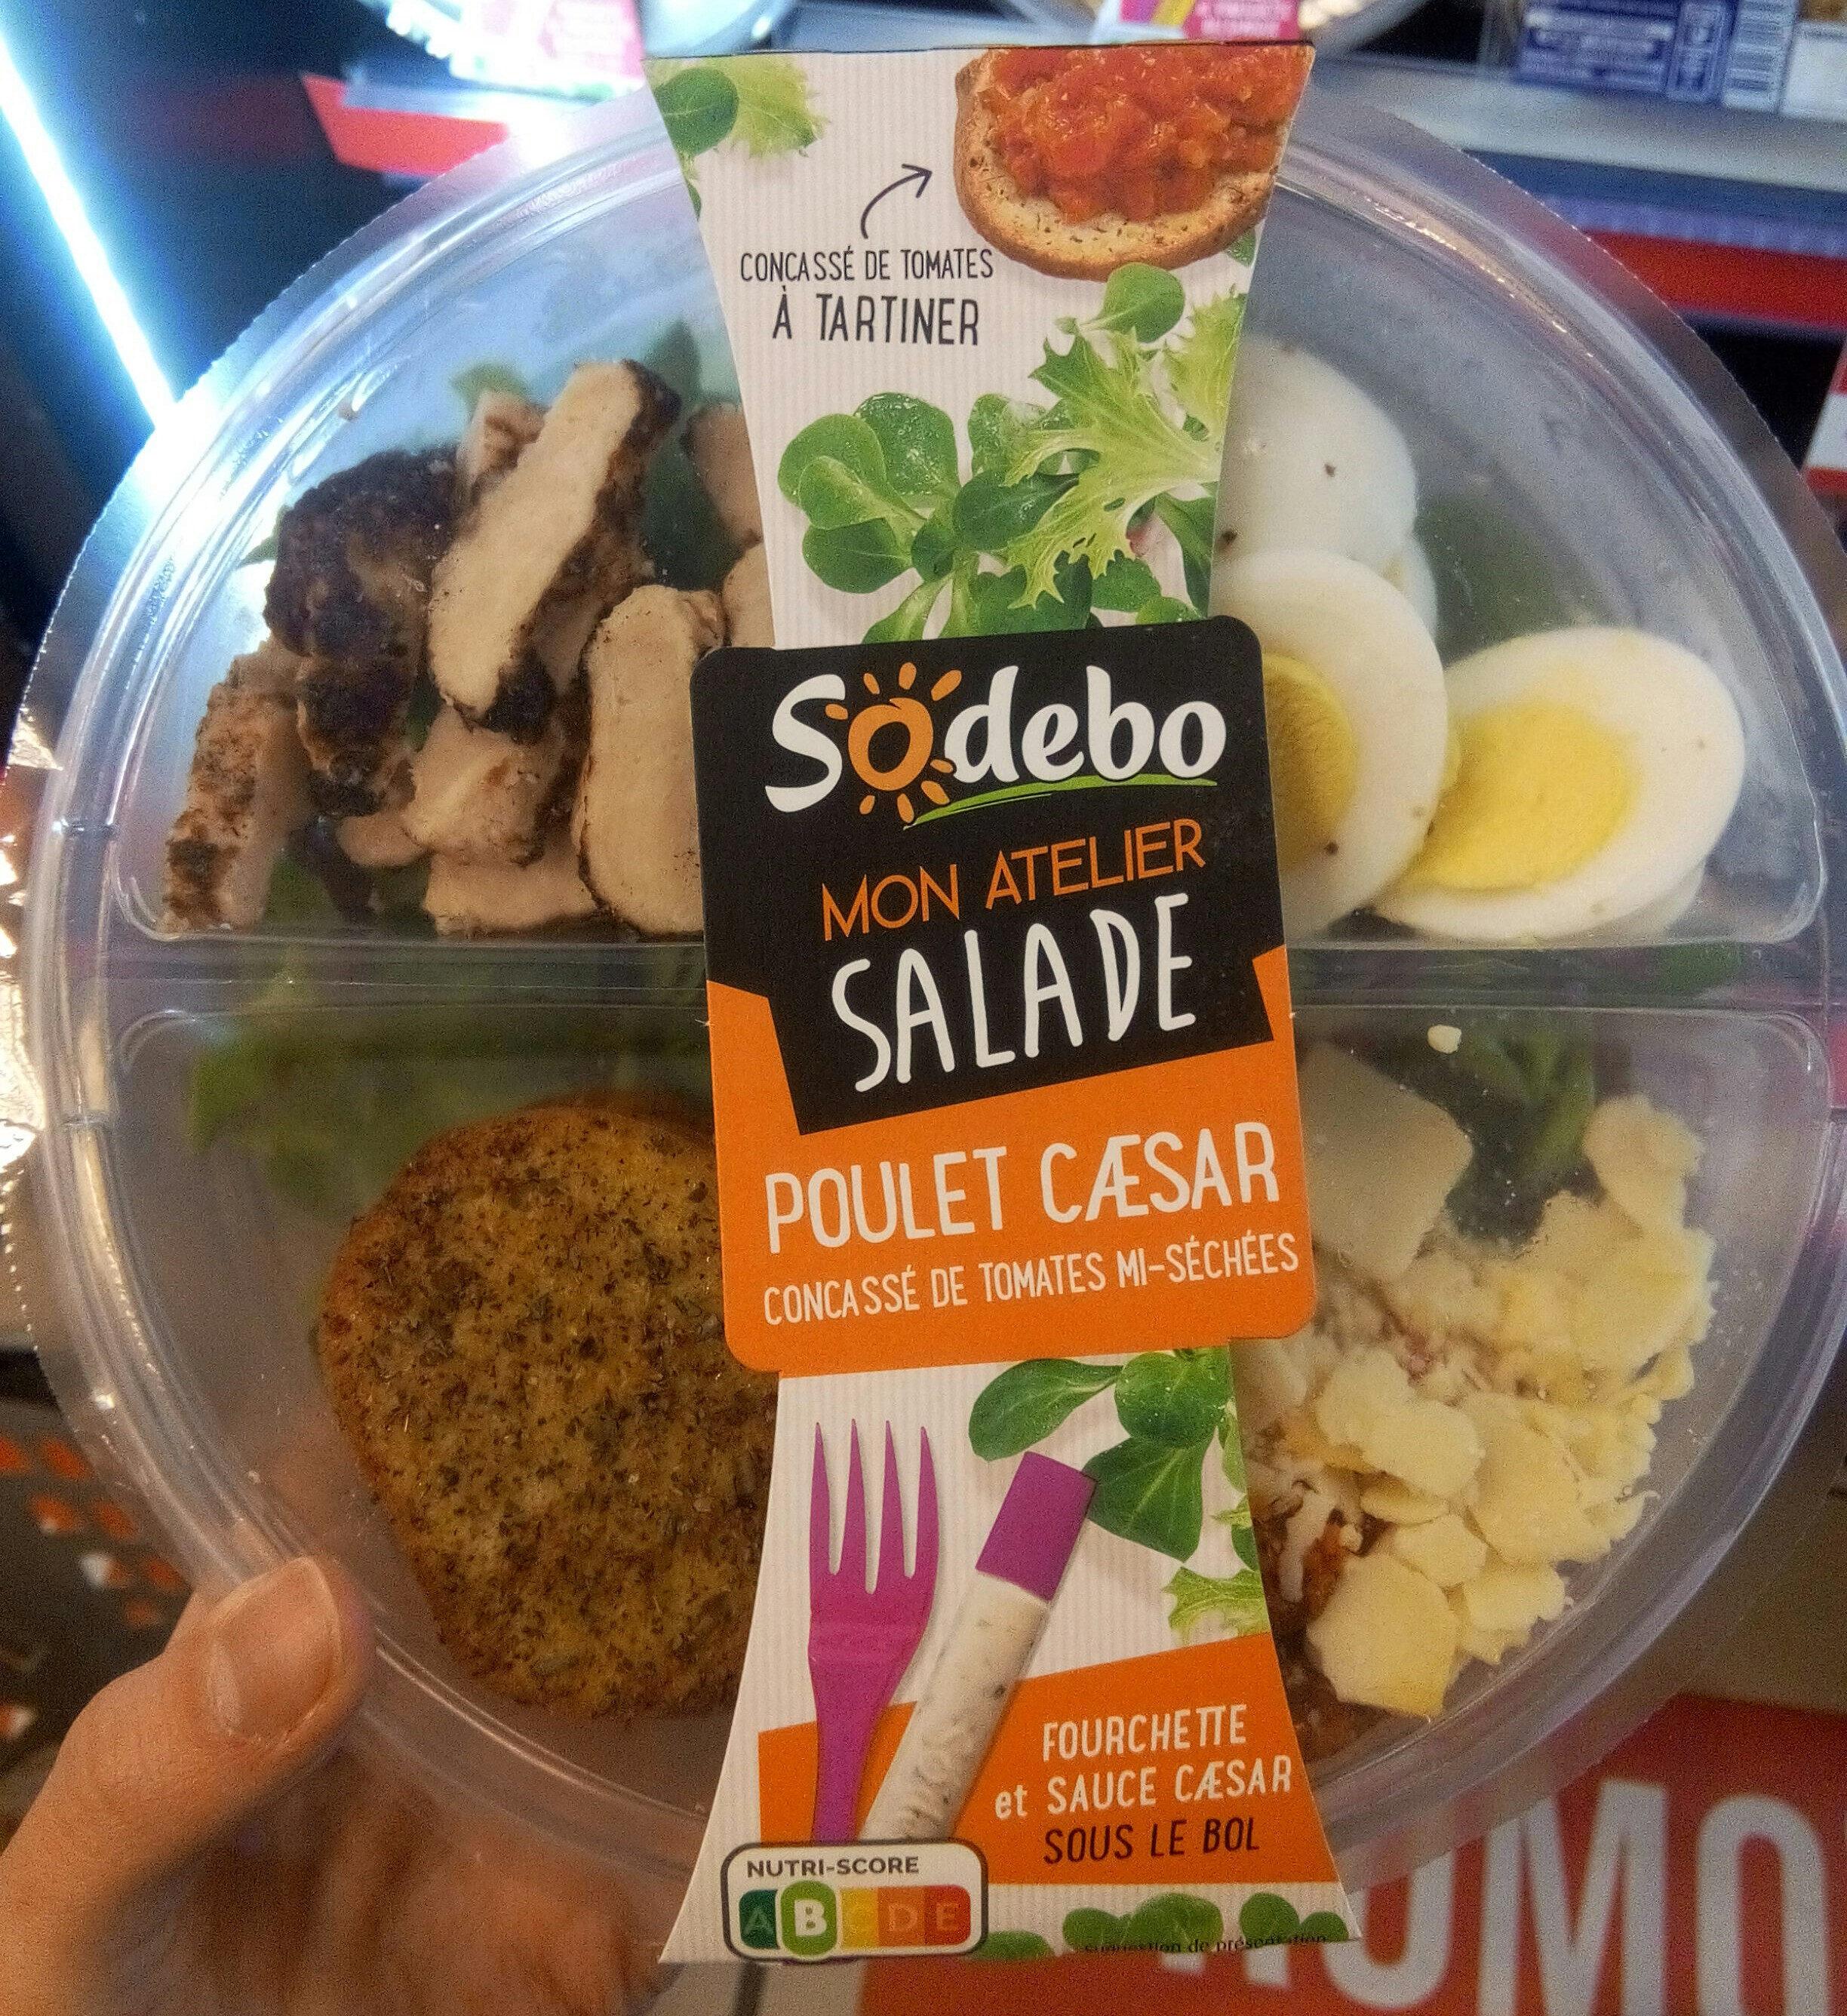 Mon atelier salade - Poulet caesar - Product